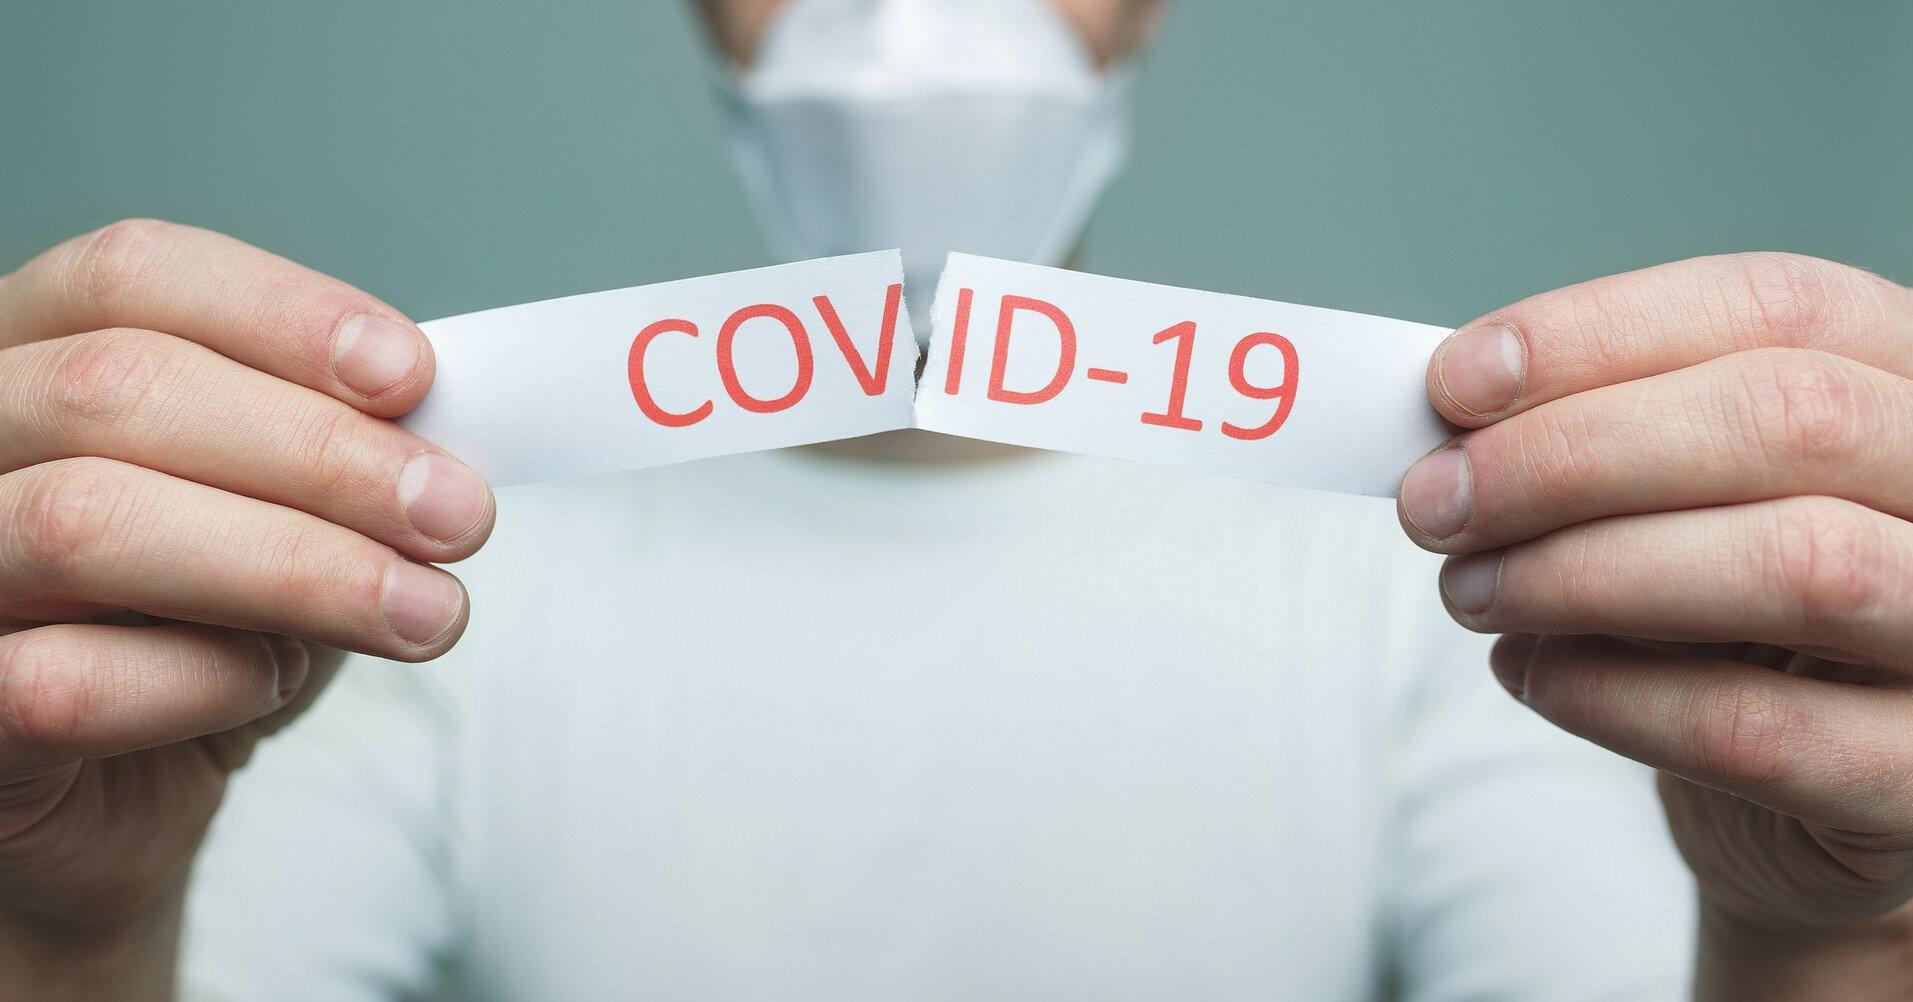 В Индии зафиксирована самая высокая в мире смертность от COVID-19